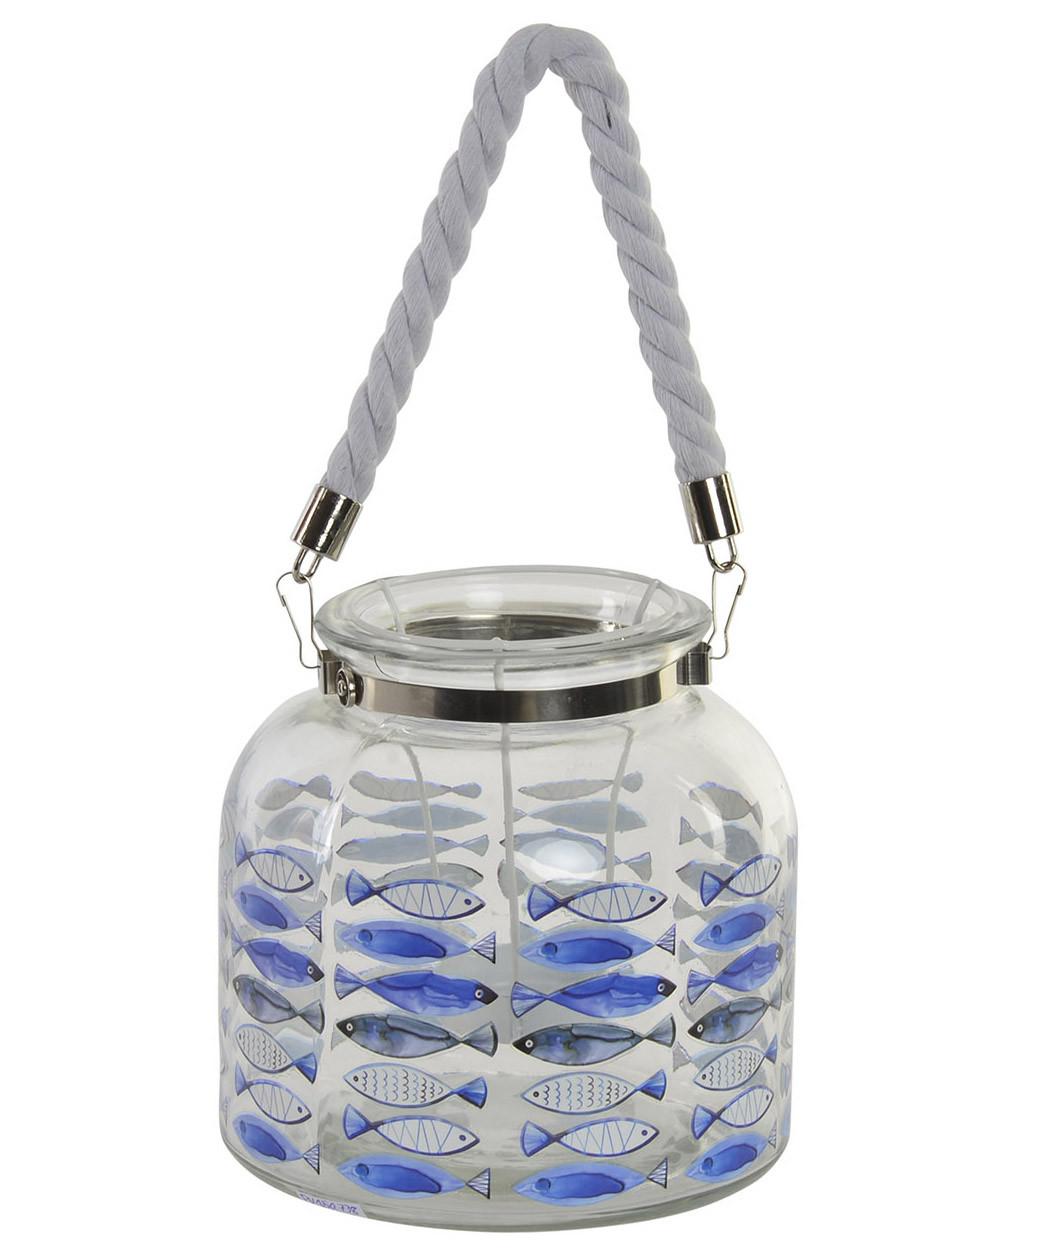 Portavelas de cristal con peces azules para decoración. Diseño simpático y original. 18 x 18 cm - Hogar y más